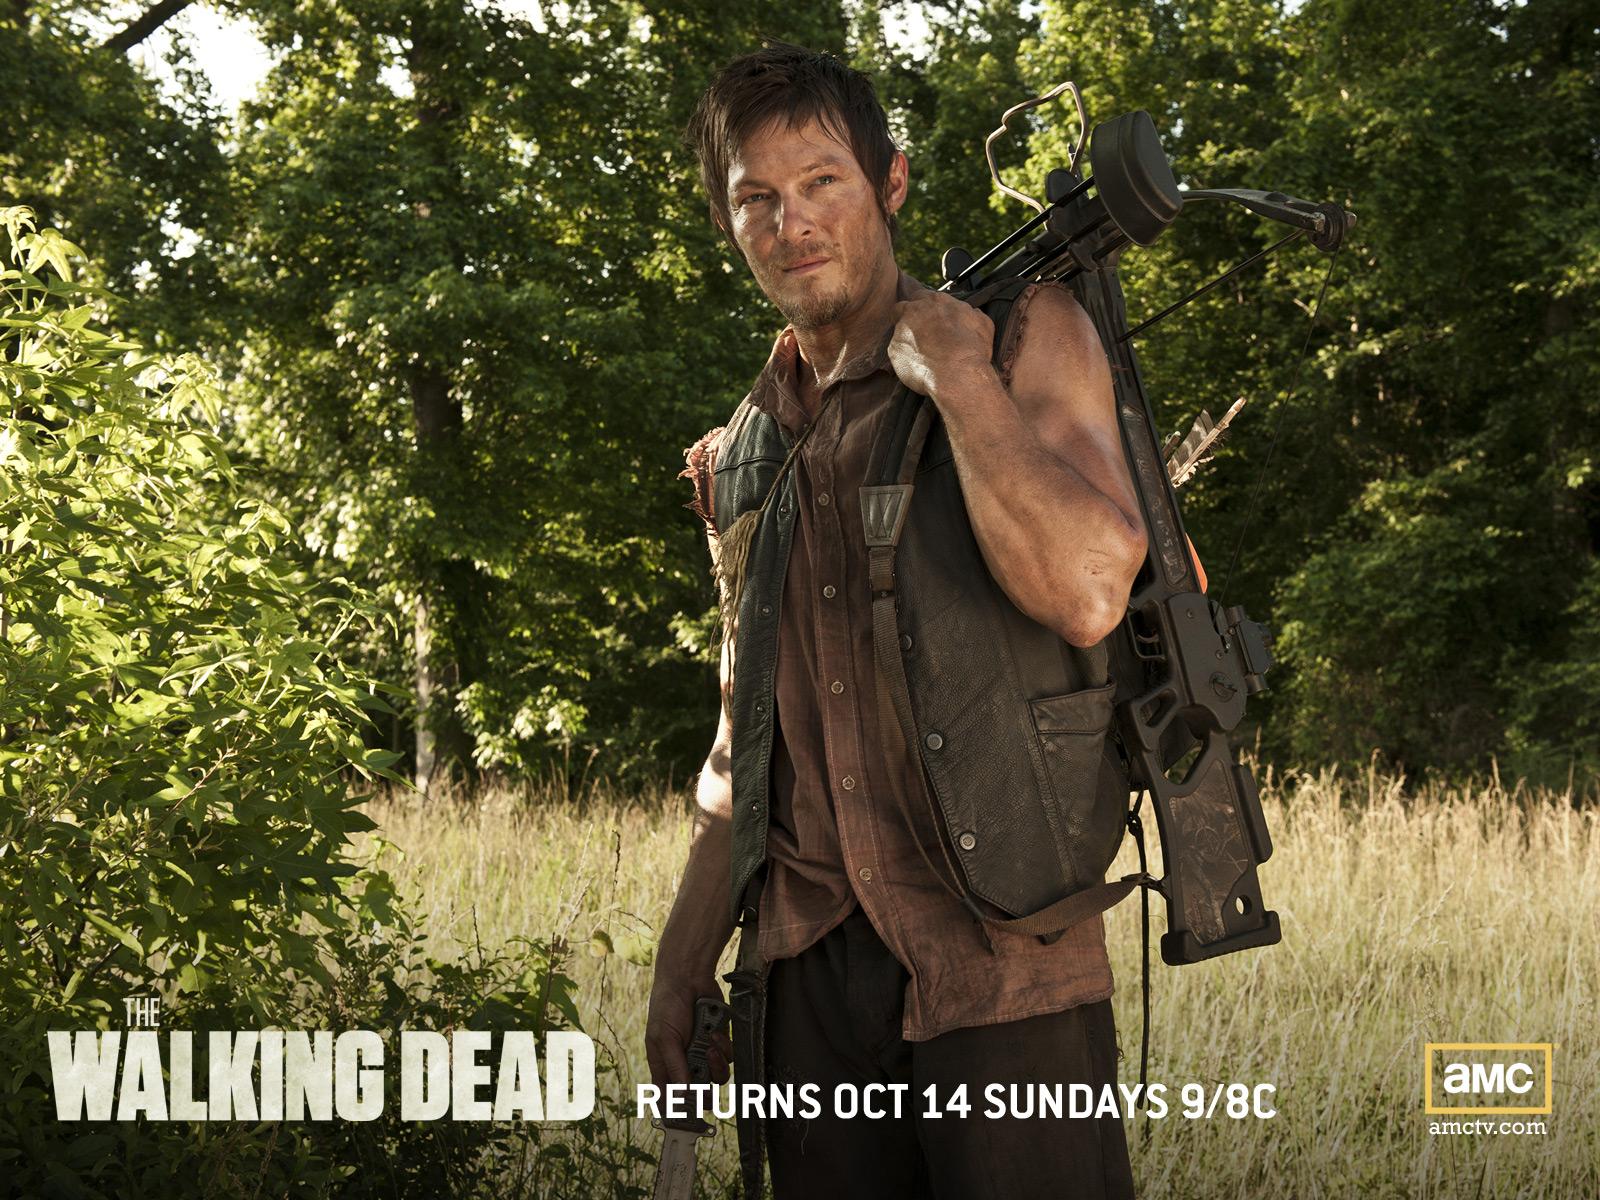 The Walking Dead the walking dead 32297743 1600 1200jpg 1600x1200